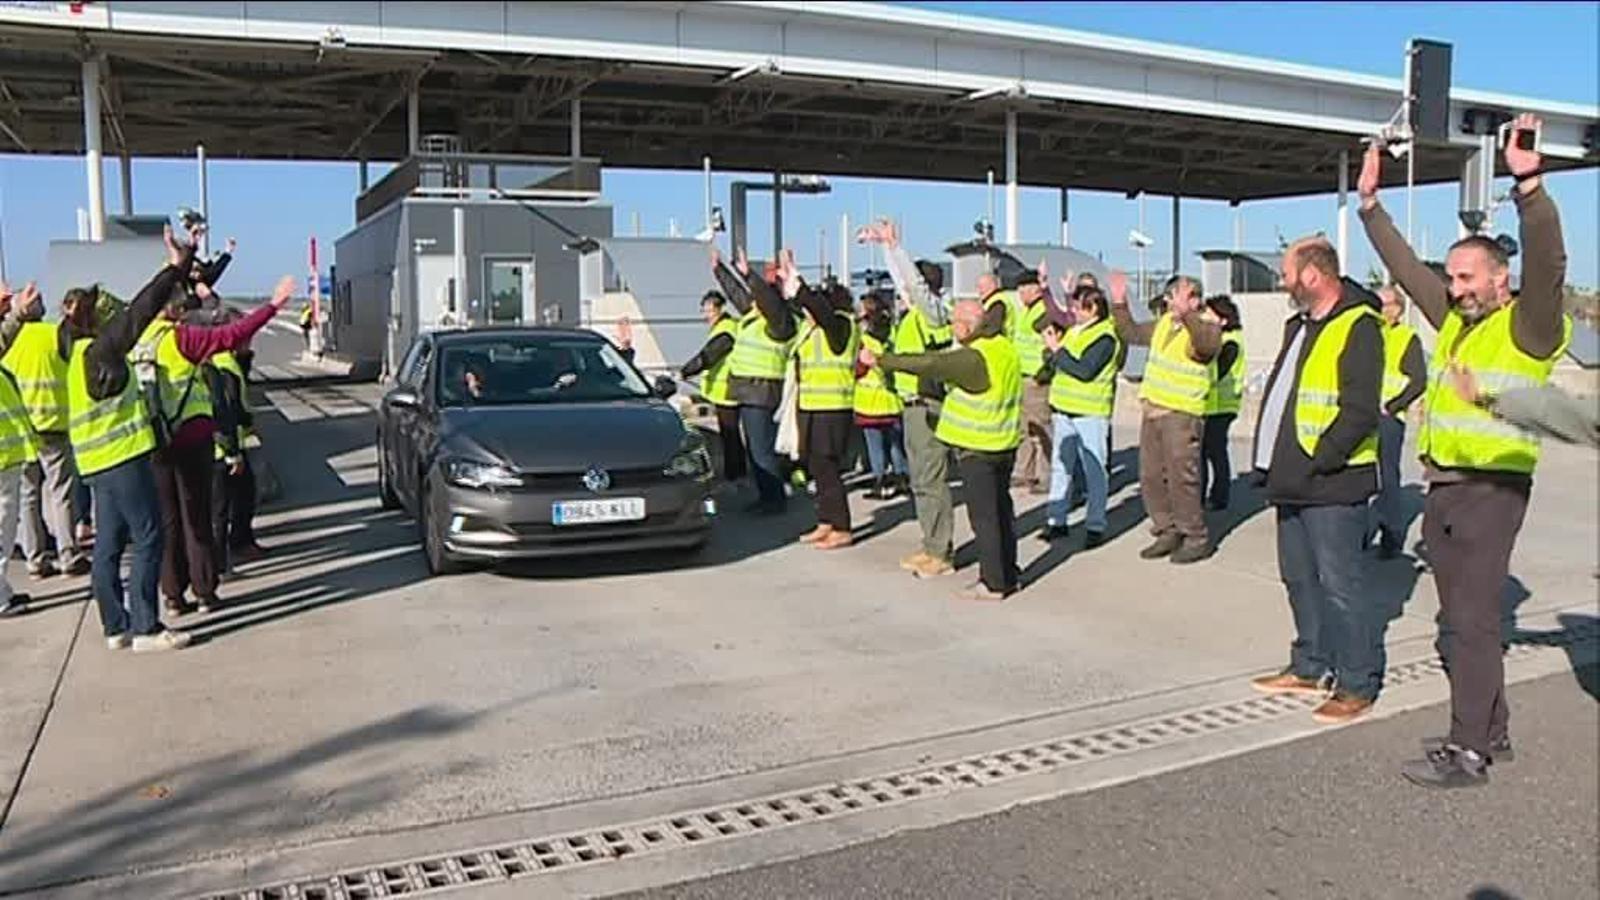 Els manifestants han aixecat aquest matí les barreres del peatge de l'autopista a Pamiers. / D.S.